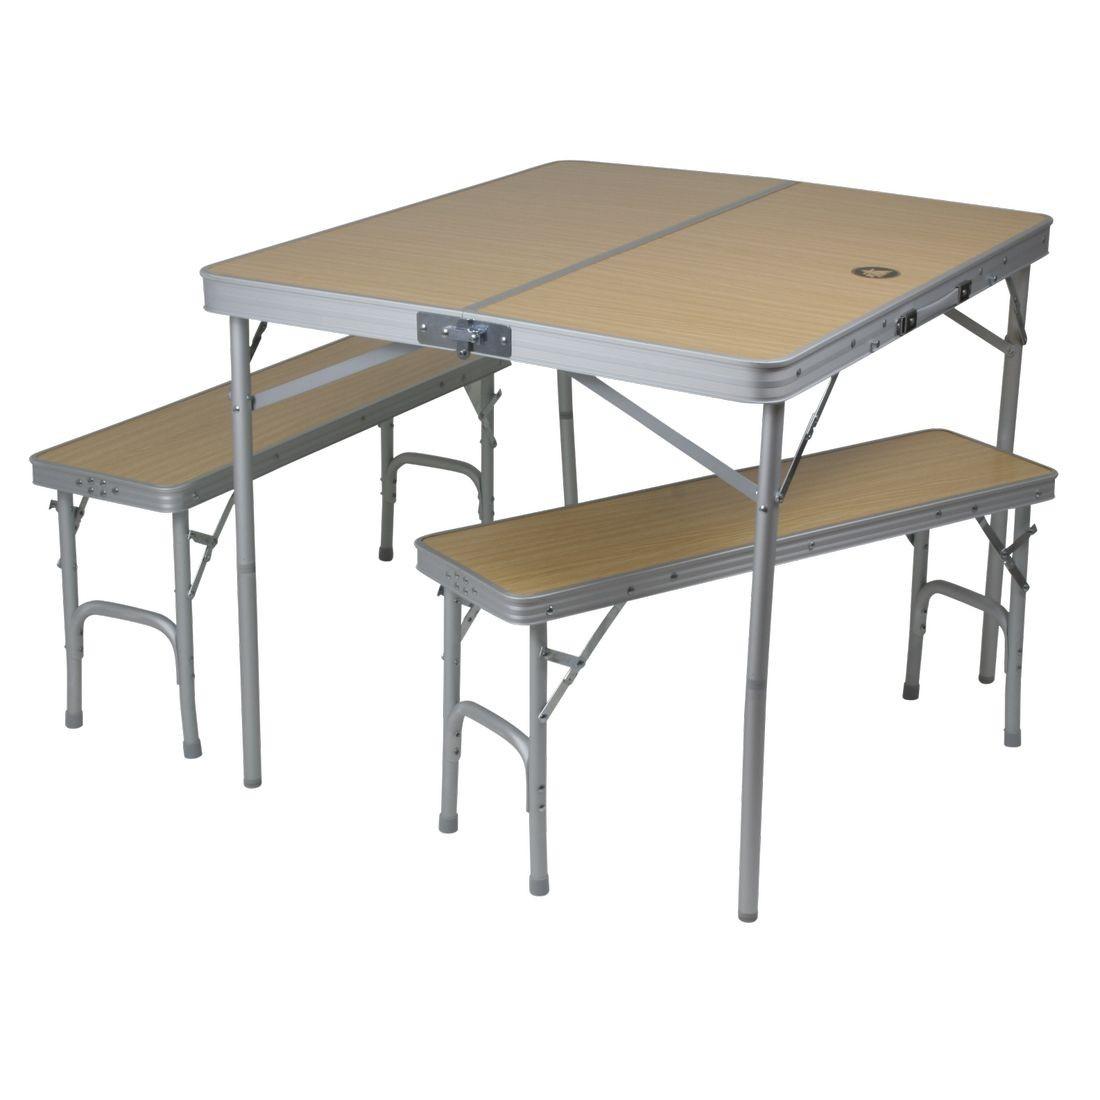 Klapptisch camping  10T Portable Bench - Mobiles Tisch-Bank-Set 4 Personen Aluminium ...